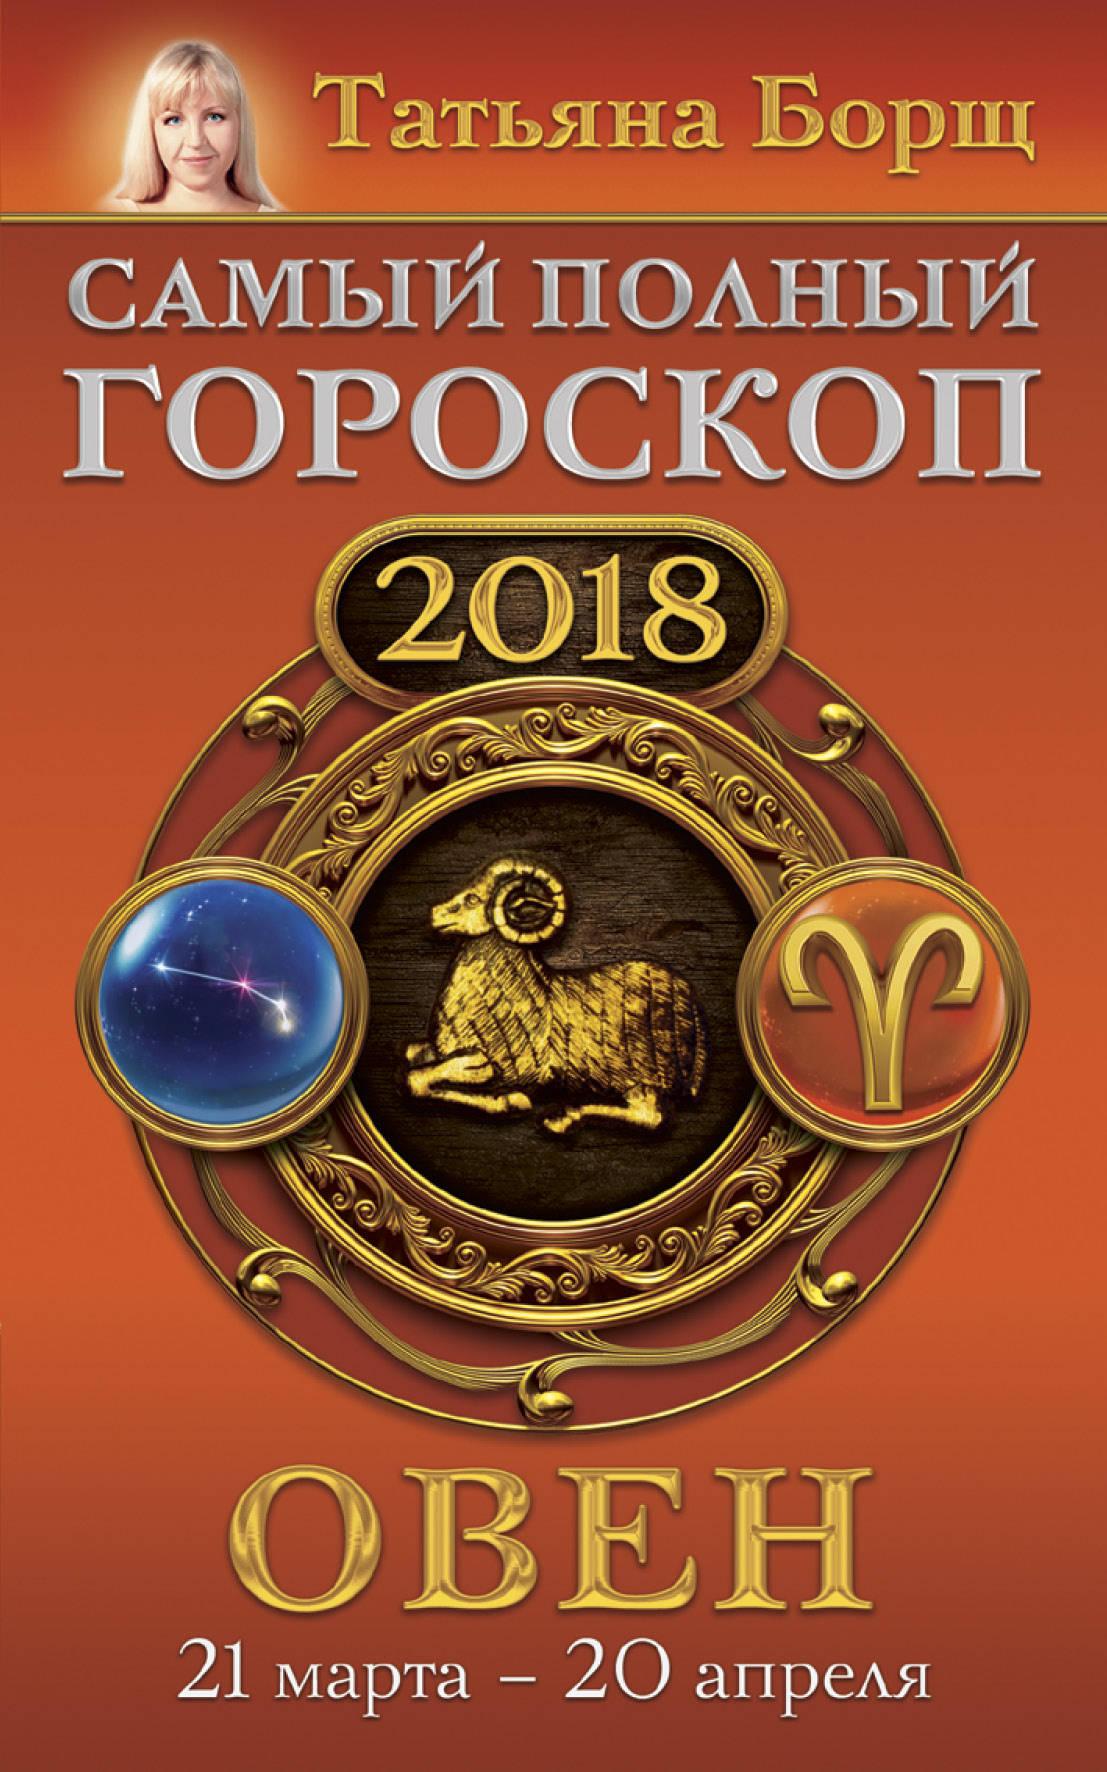 Овен. Самый полный гороскоп на 2018 год. 21 марта - 20 апреля